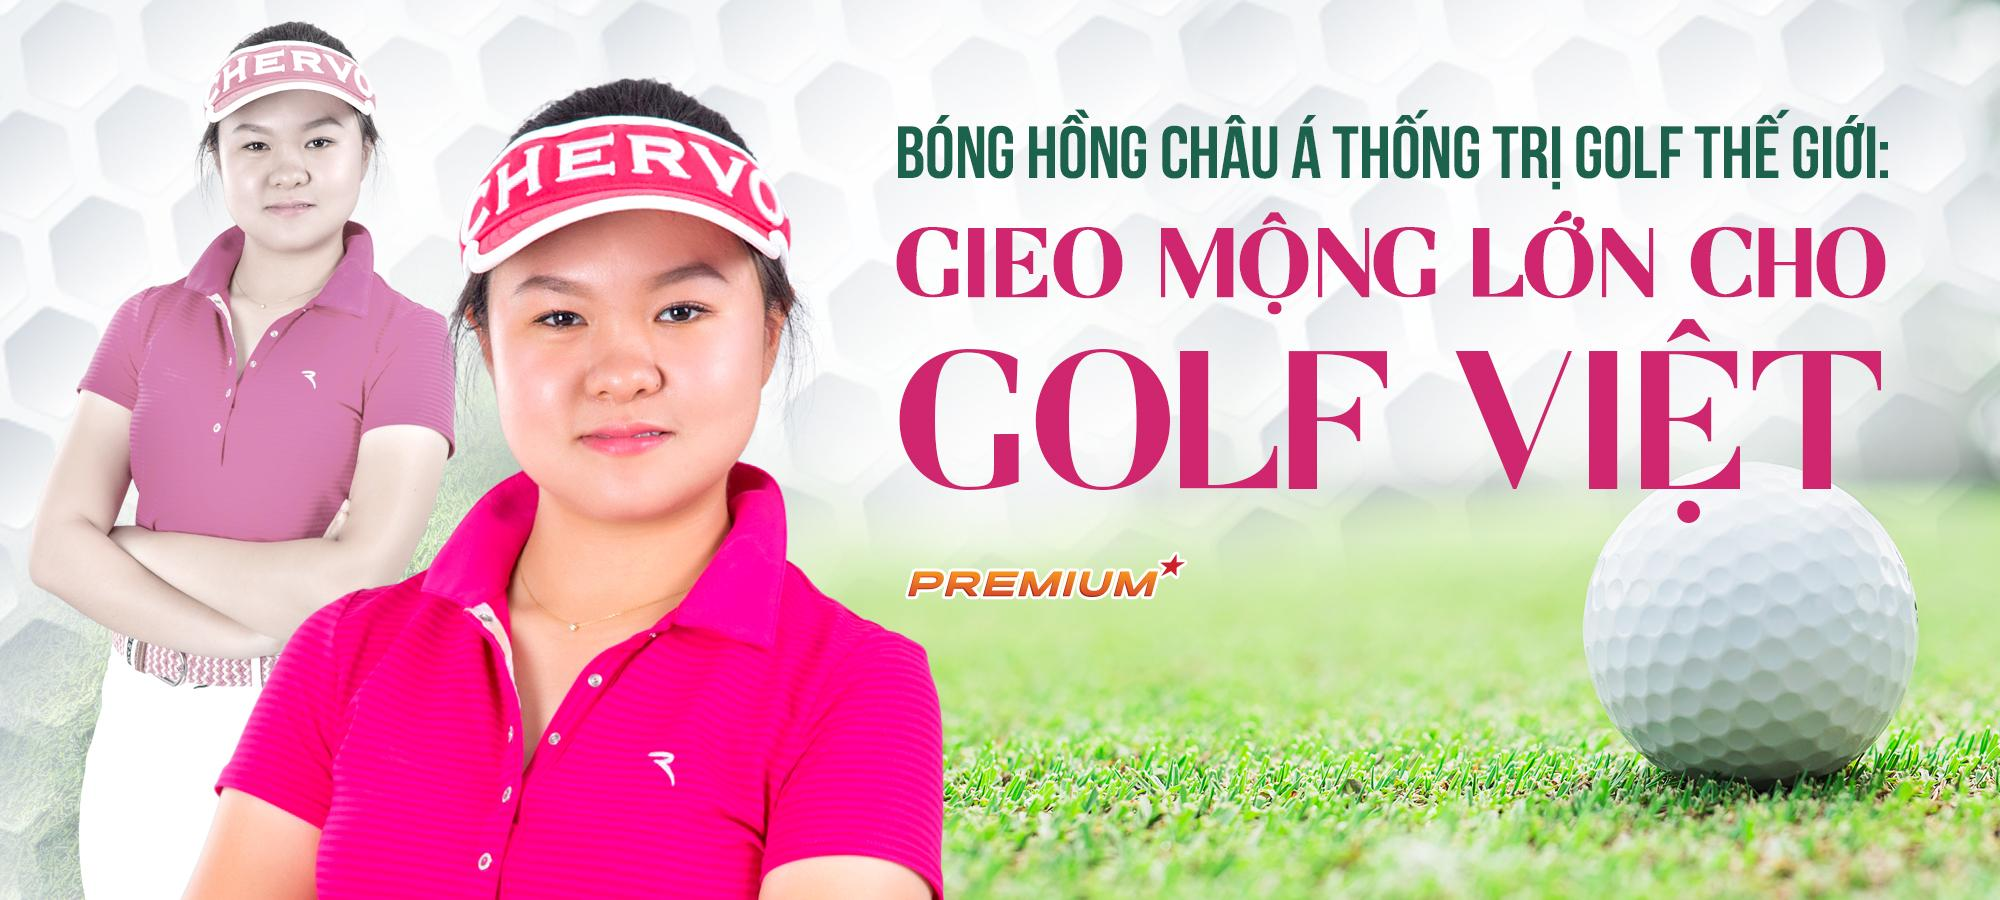 Bóng hồng châu Á thống trị golf thế giới: Gieo mộng lớn cho golf Việt